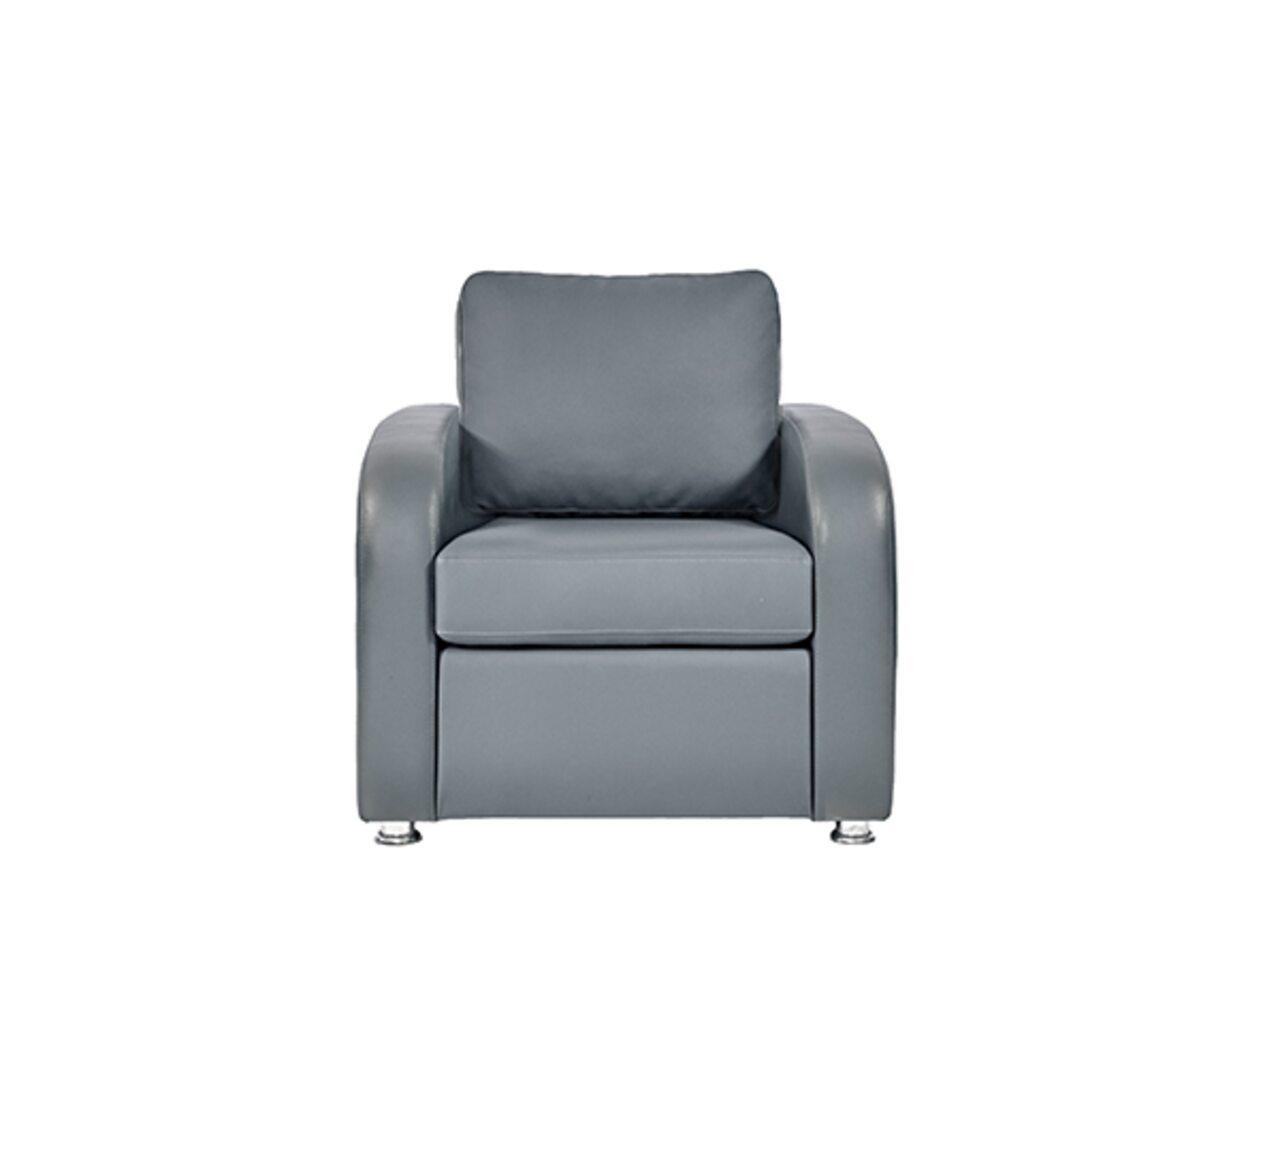 Мягкая офисная мебель БОРН - фото 4